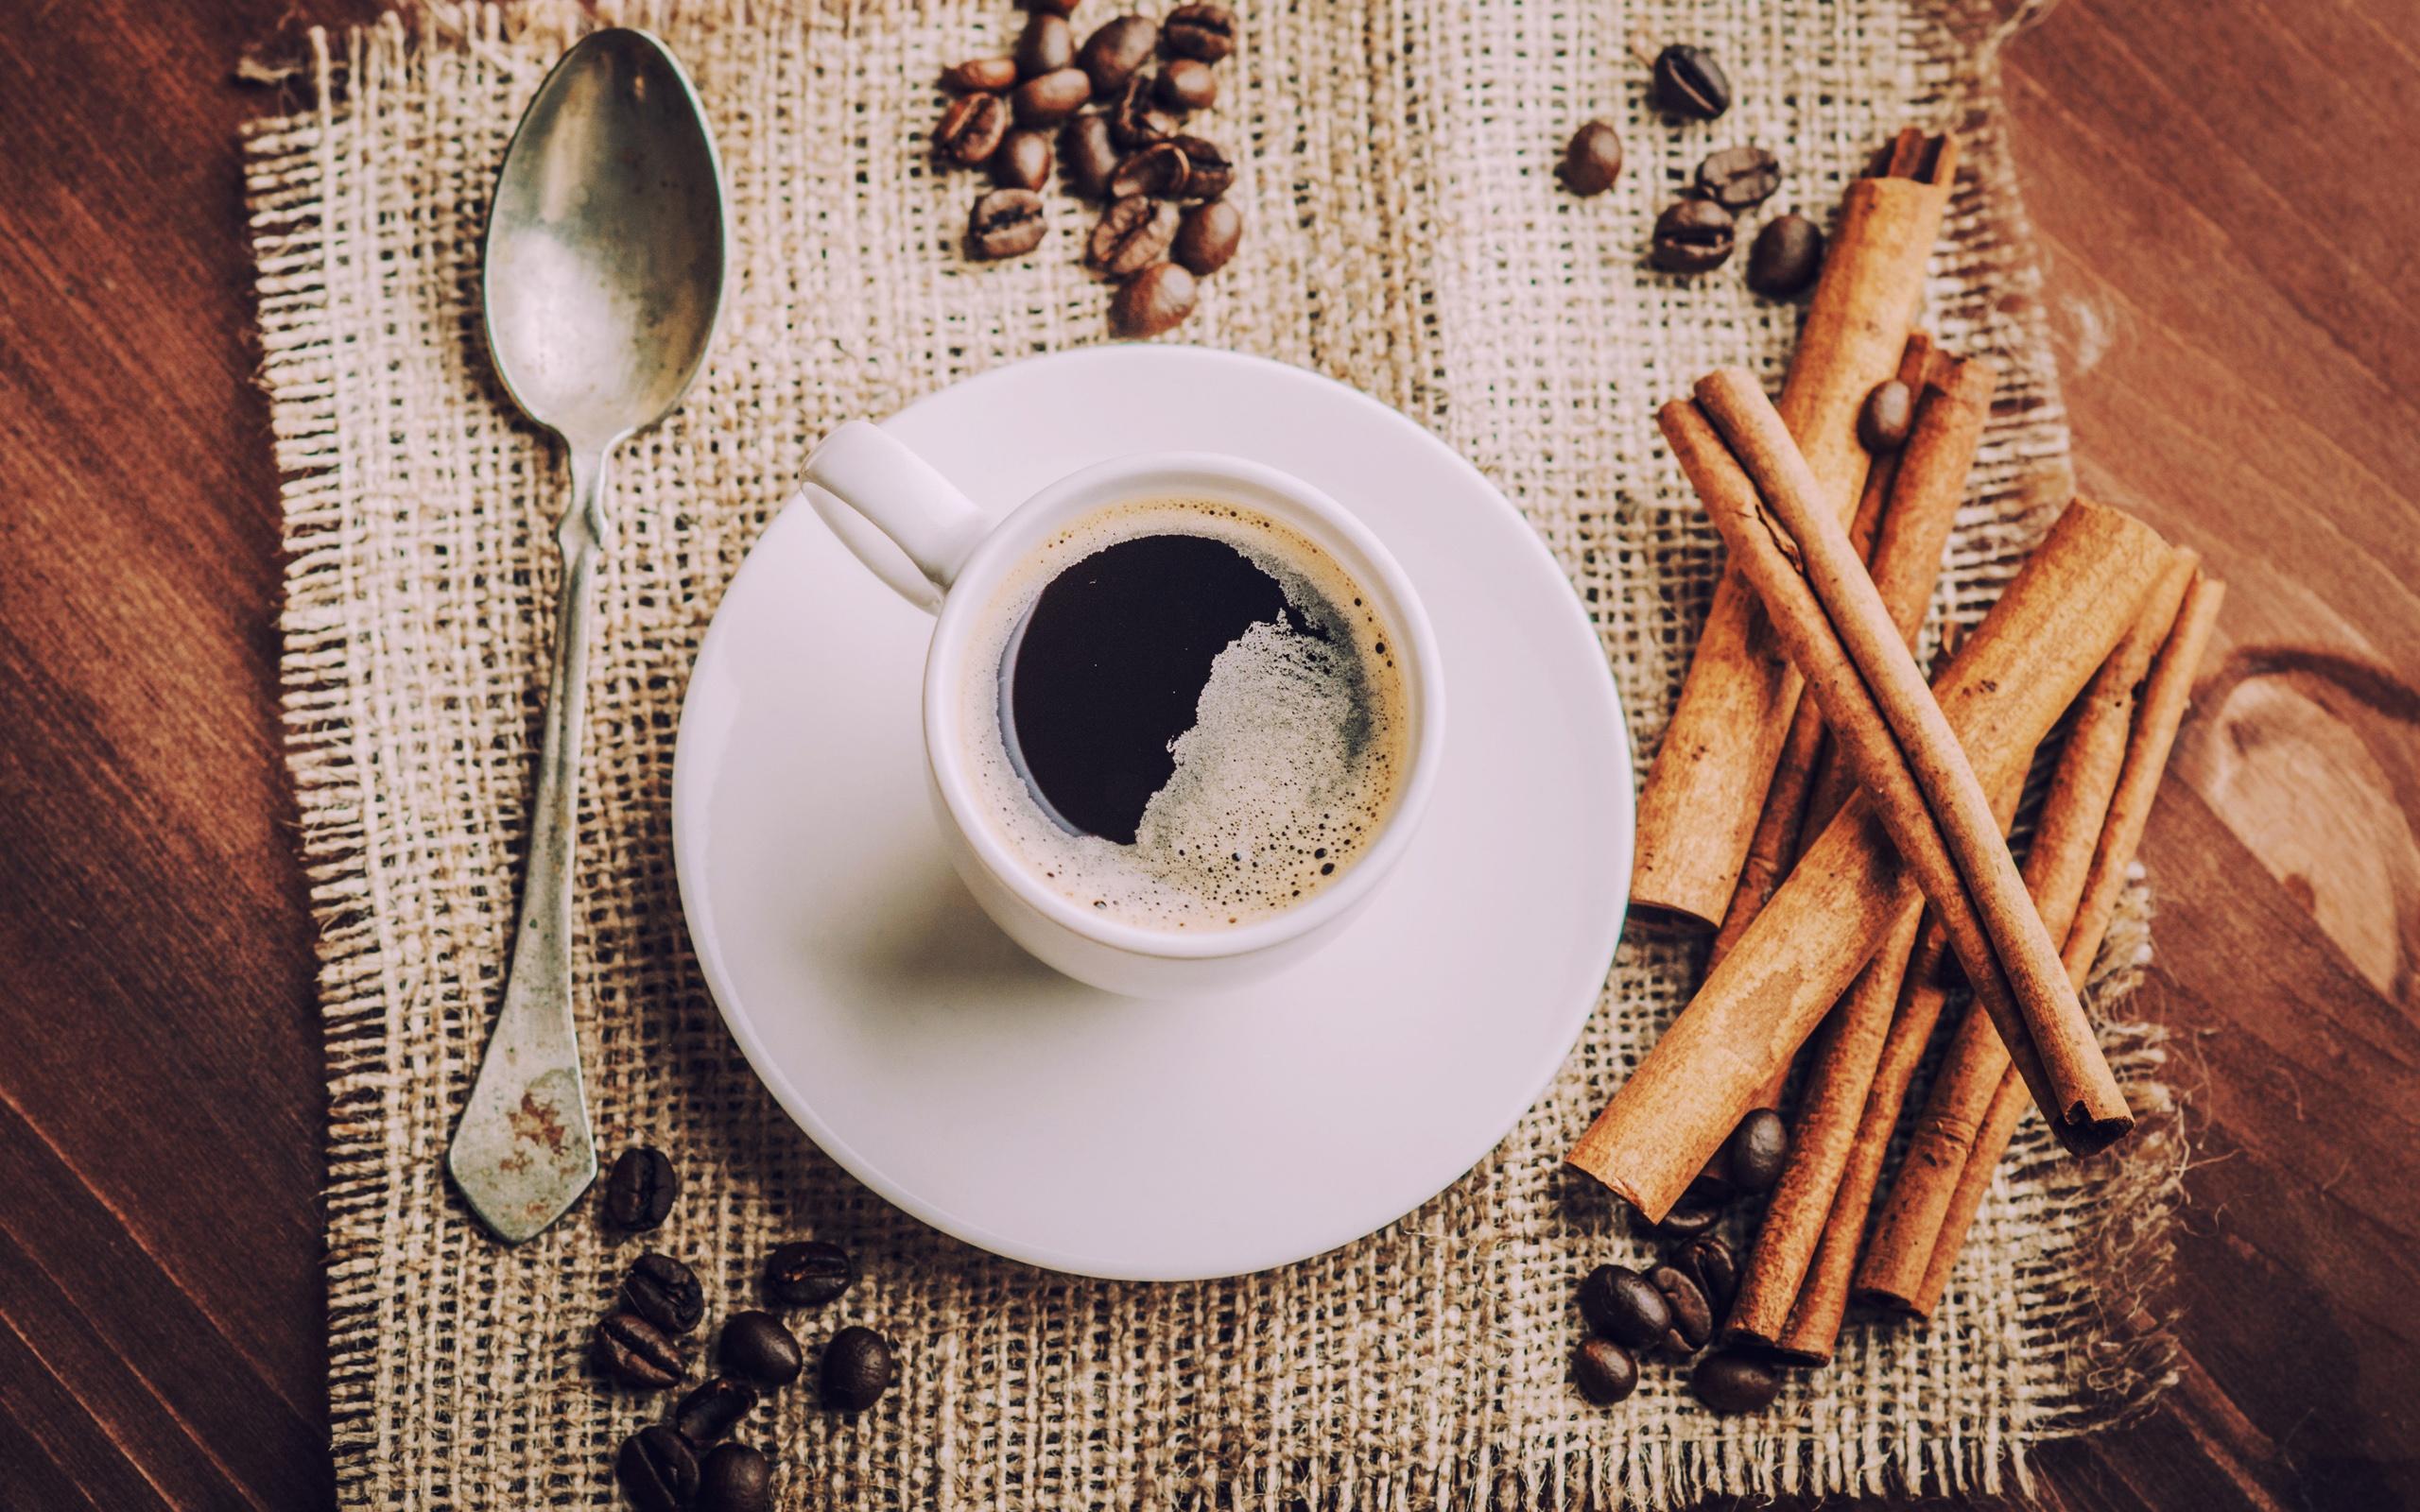 【コーヒー】のおしゃれな画像まとめ!